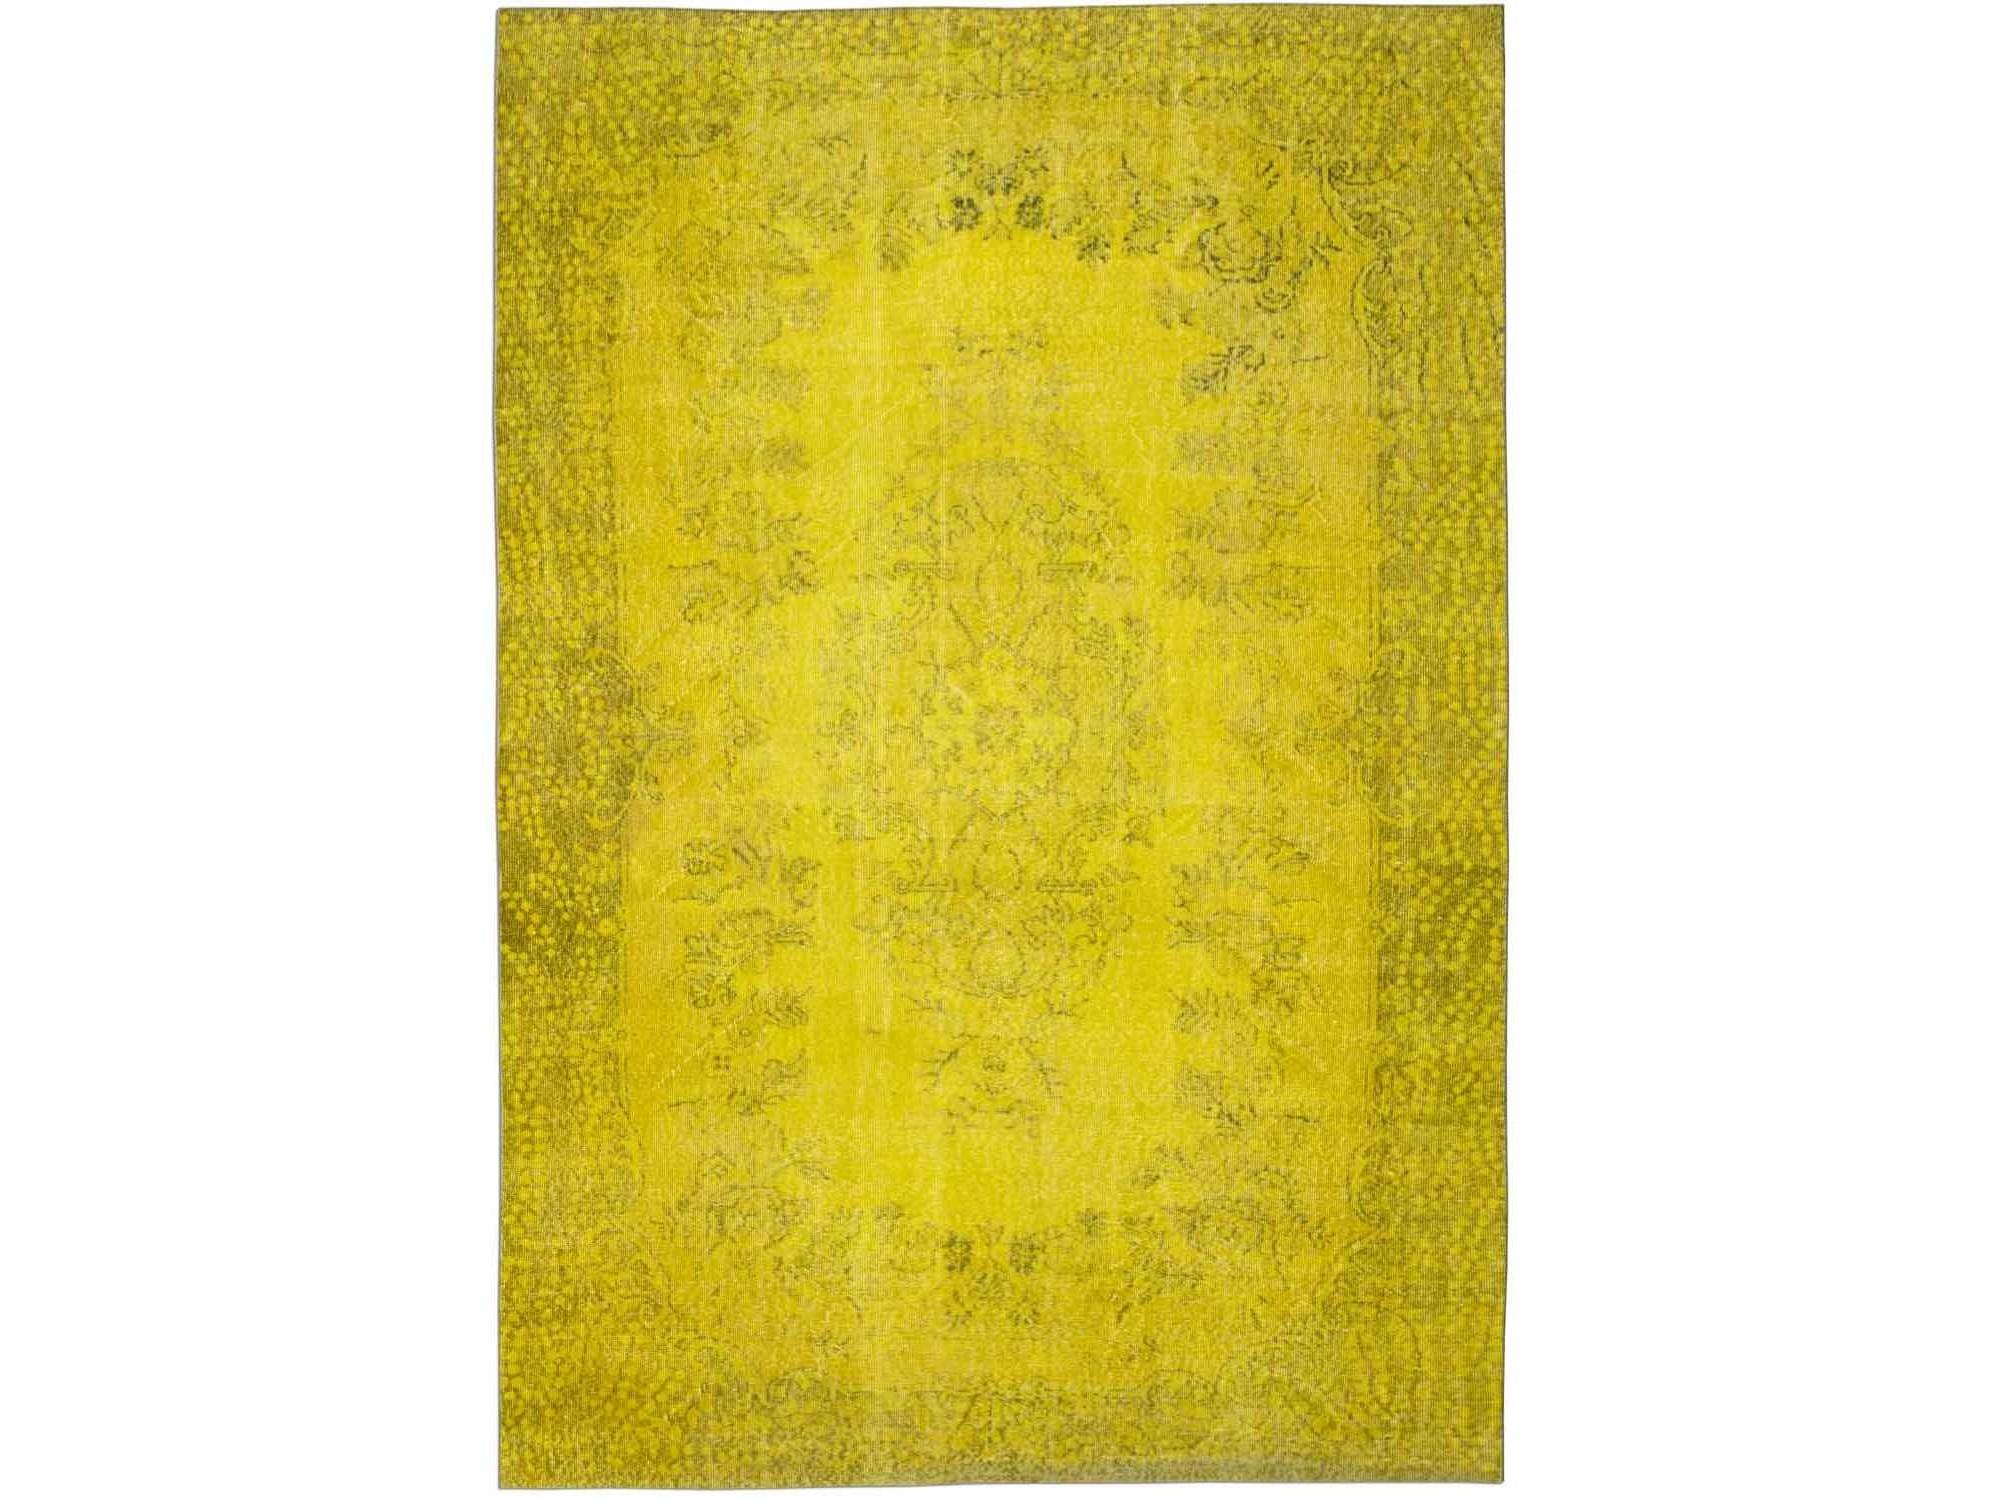 Ковер PatchworkПрямоугольные ковры<br>Винтажный ковер ручной работы в стиле &amp;quot;пэчворк&amp;quot; <br>из 100% шерсти. Ковер прекрасно подходит в <br>любые современные и классические интерьеры, <br>а благодаря толщине ковра всего 5 мм. и отсутствию <br>ворса, его легко чистить любыми видами пылесосов. <br>Этот настоящий ковер ручной работы не потеряет <br>своих красок и будет служить десятилетия.<br><br>Material: Шерсть